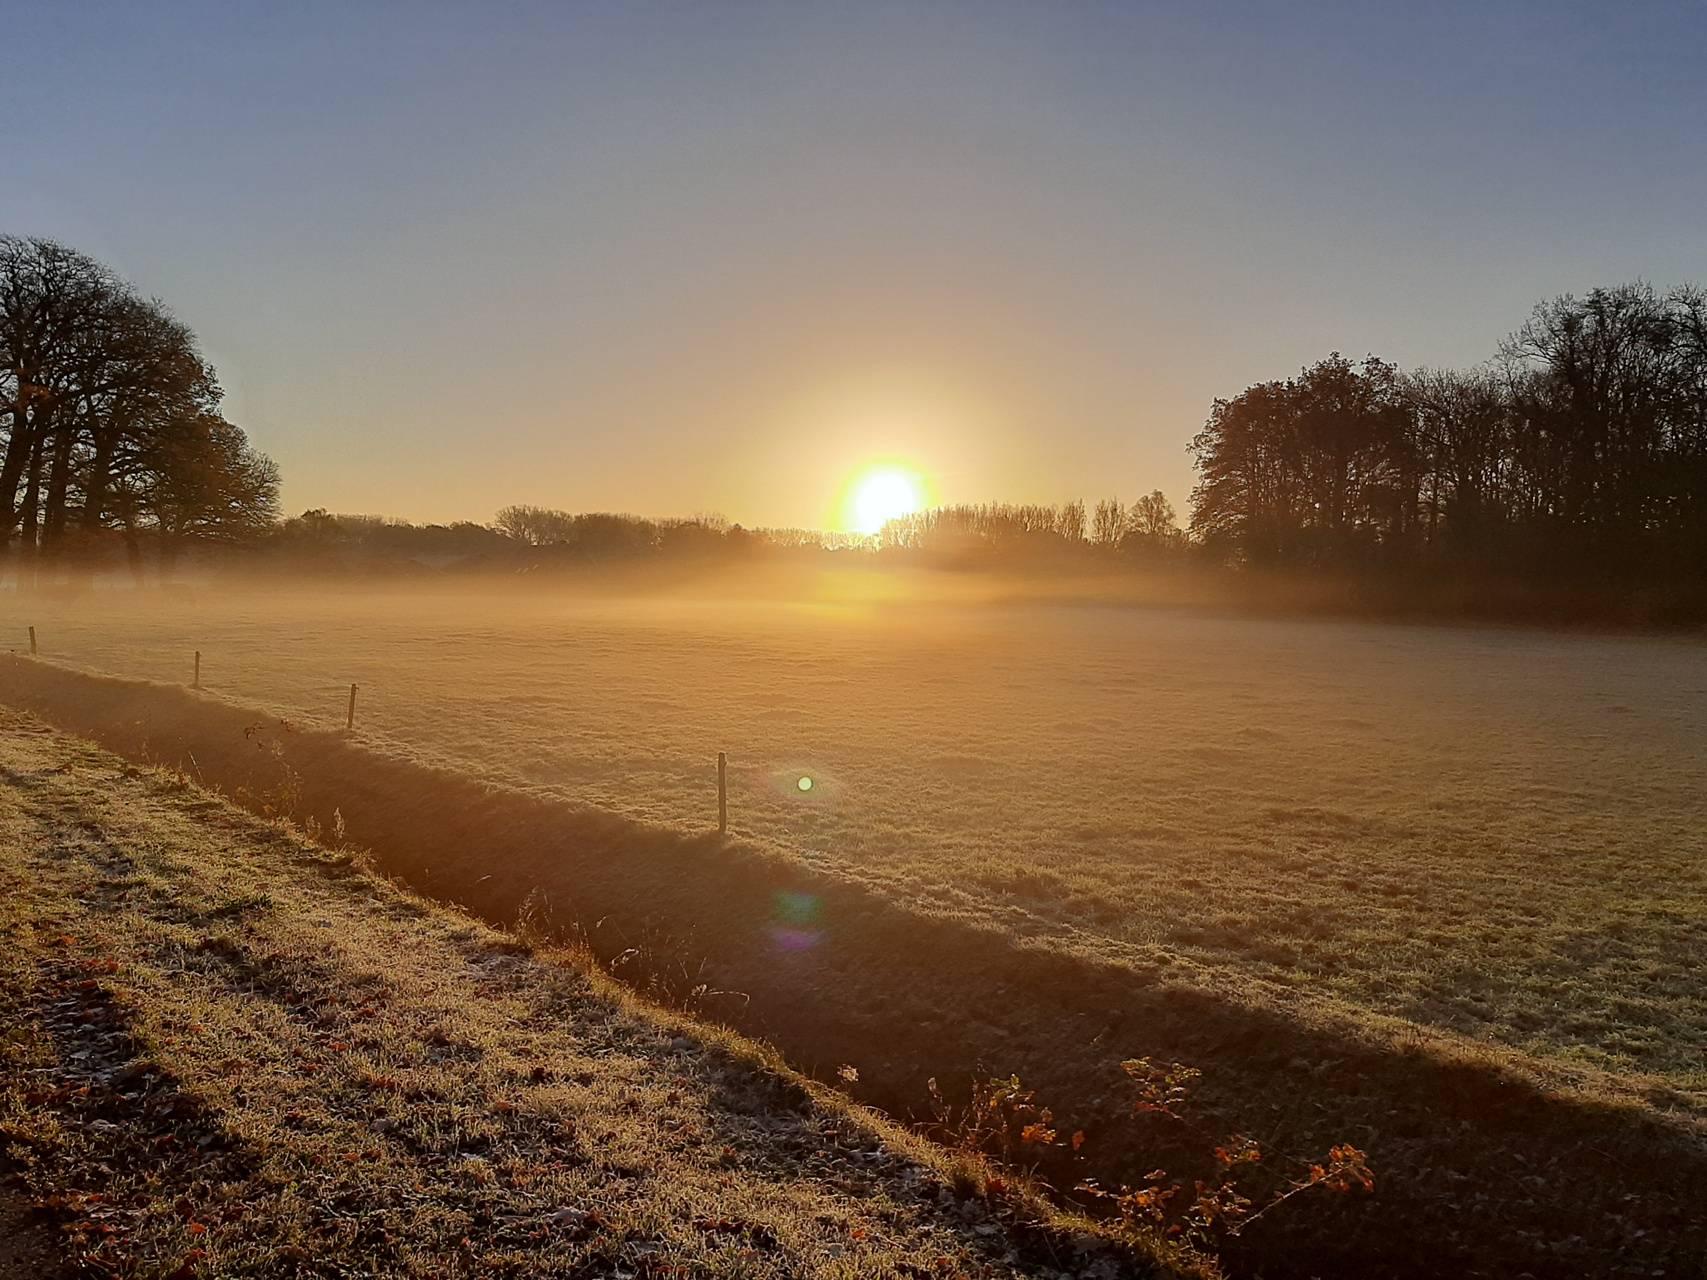 Sunrise in a meadow